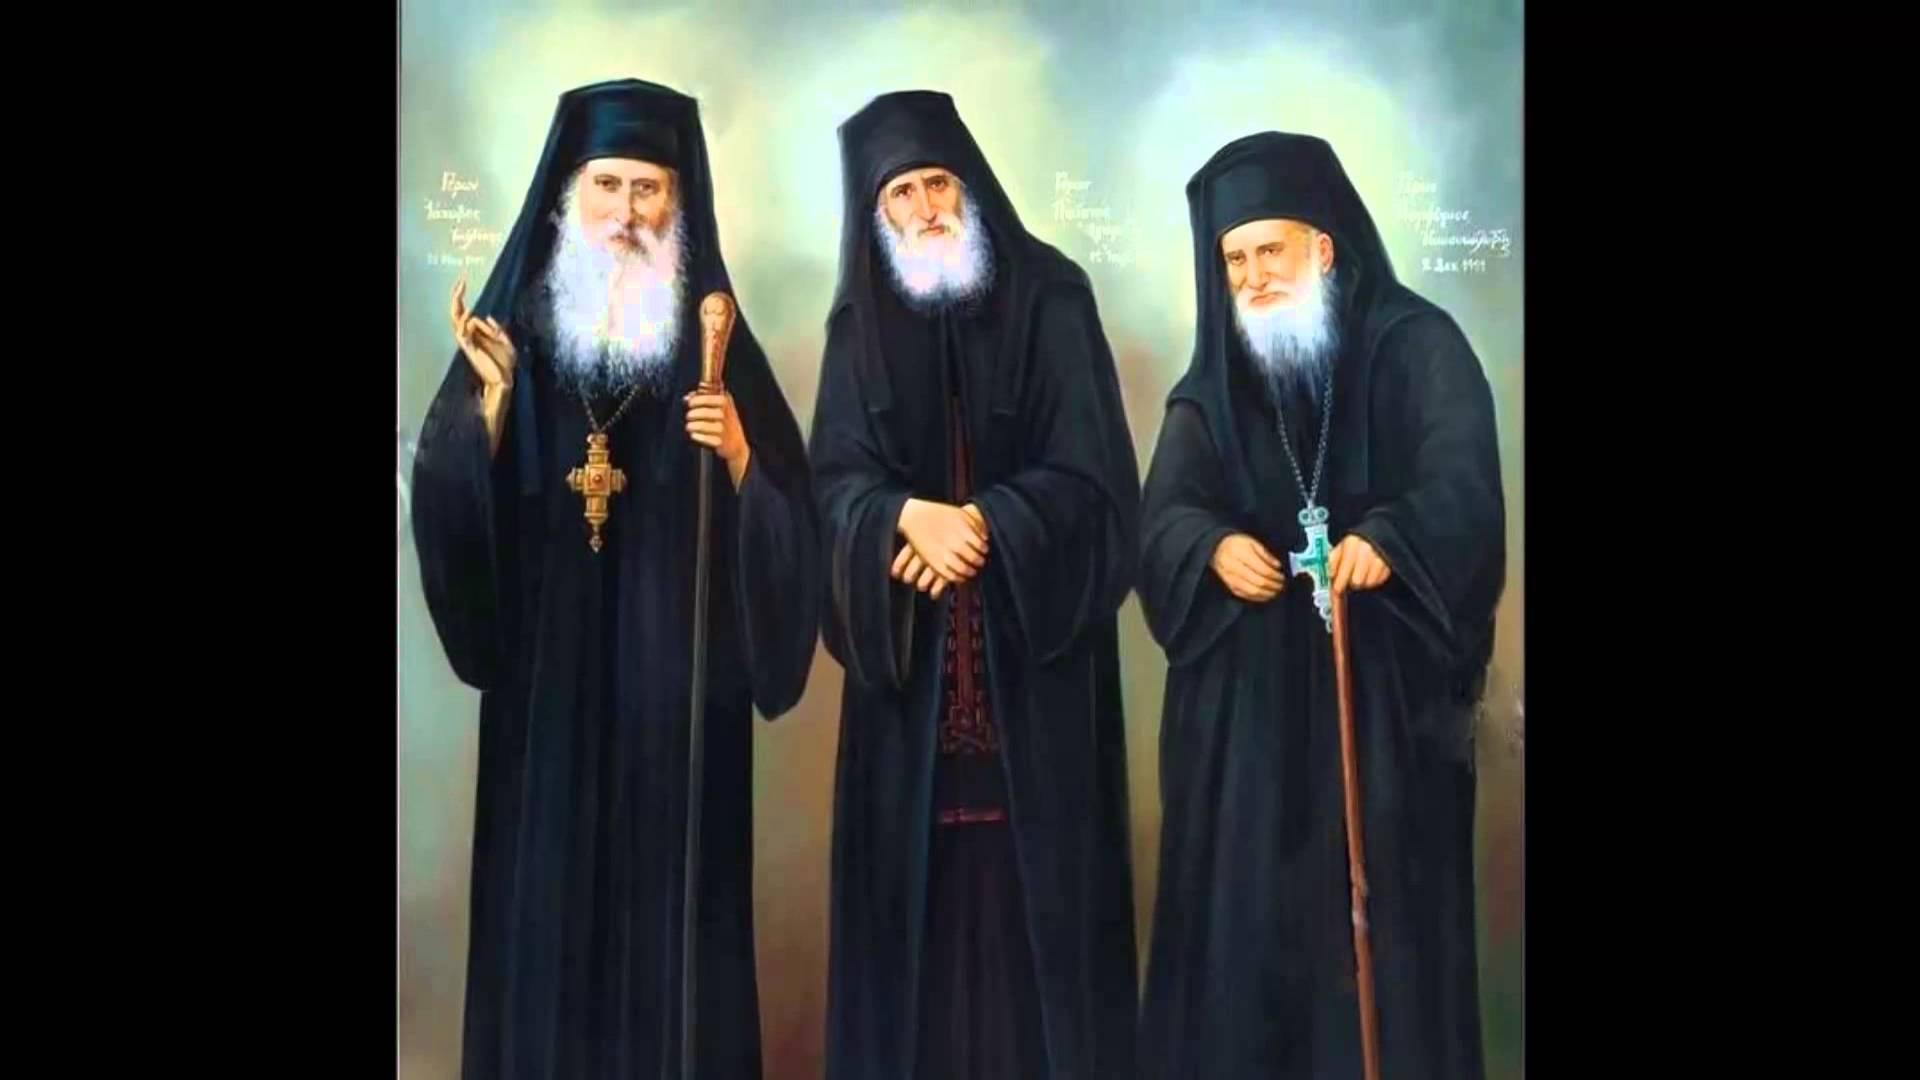 Ο Όσιος Γέροντας Ιάκωβος Τσαλίκης! Ο Μητροπολίτης Μόρφου ομιλεί για τον 'Aγιο Πνευματικό του Πατέρα!